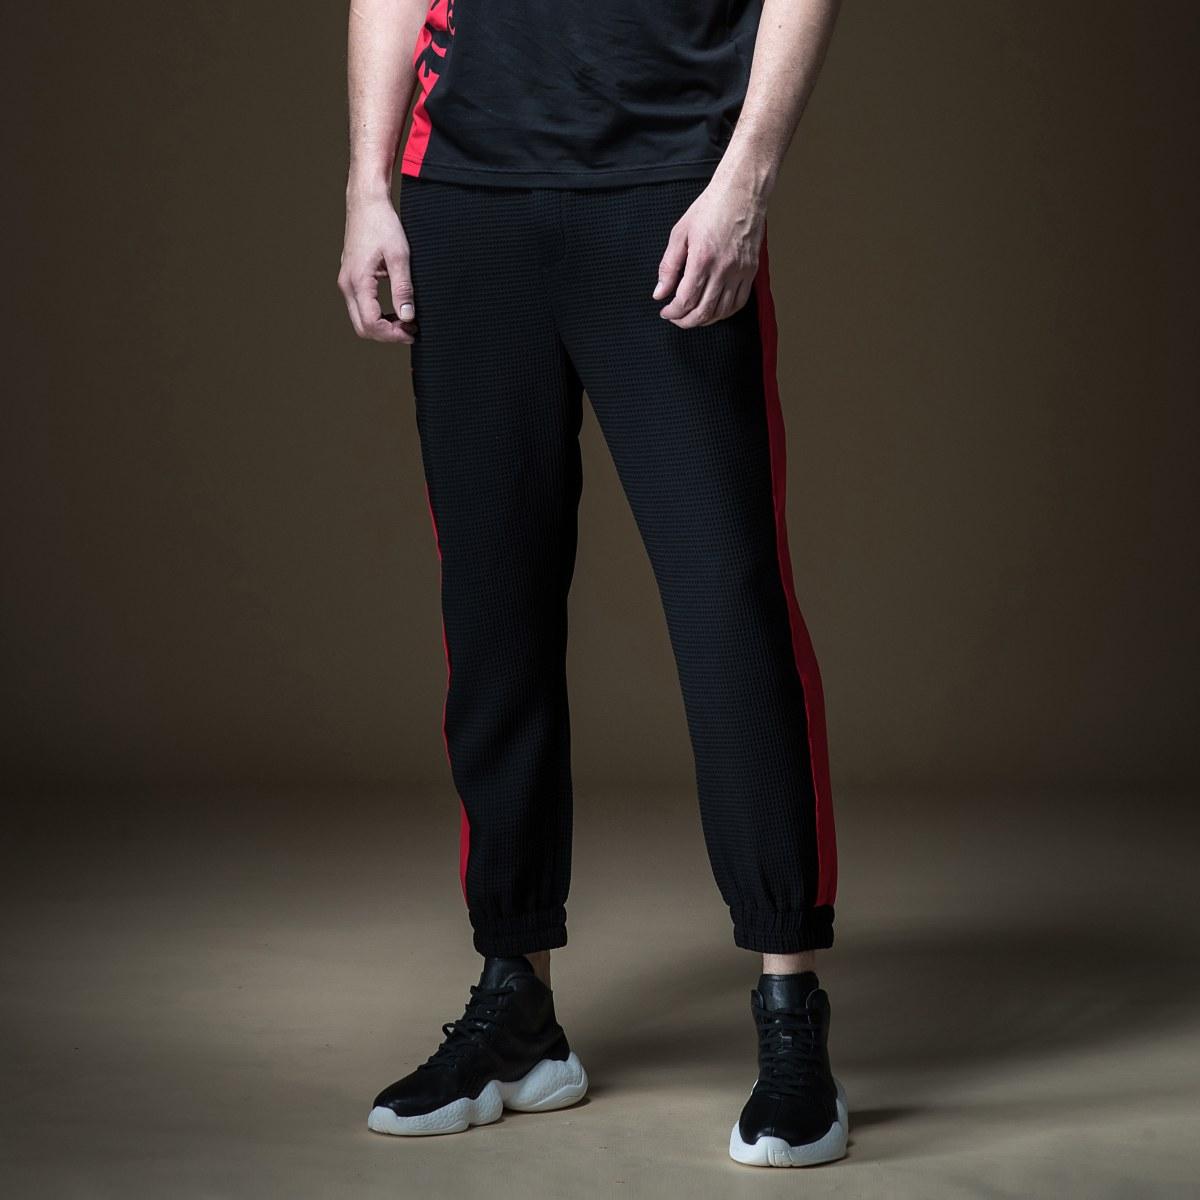 品立2019夏季新款个性时尚撞色男士运动裤束脚九分休闲裤B192817578001